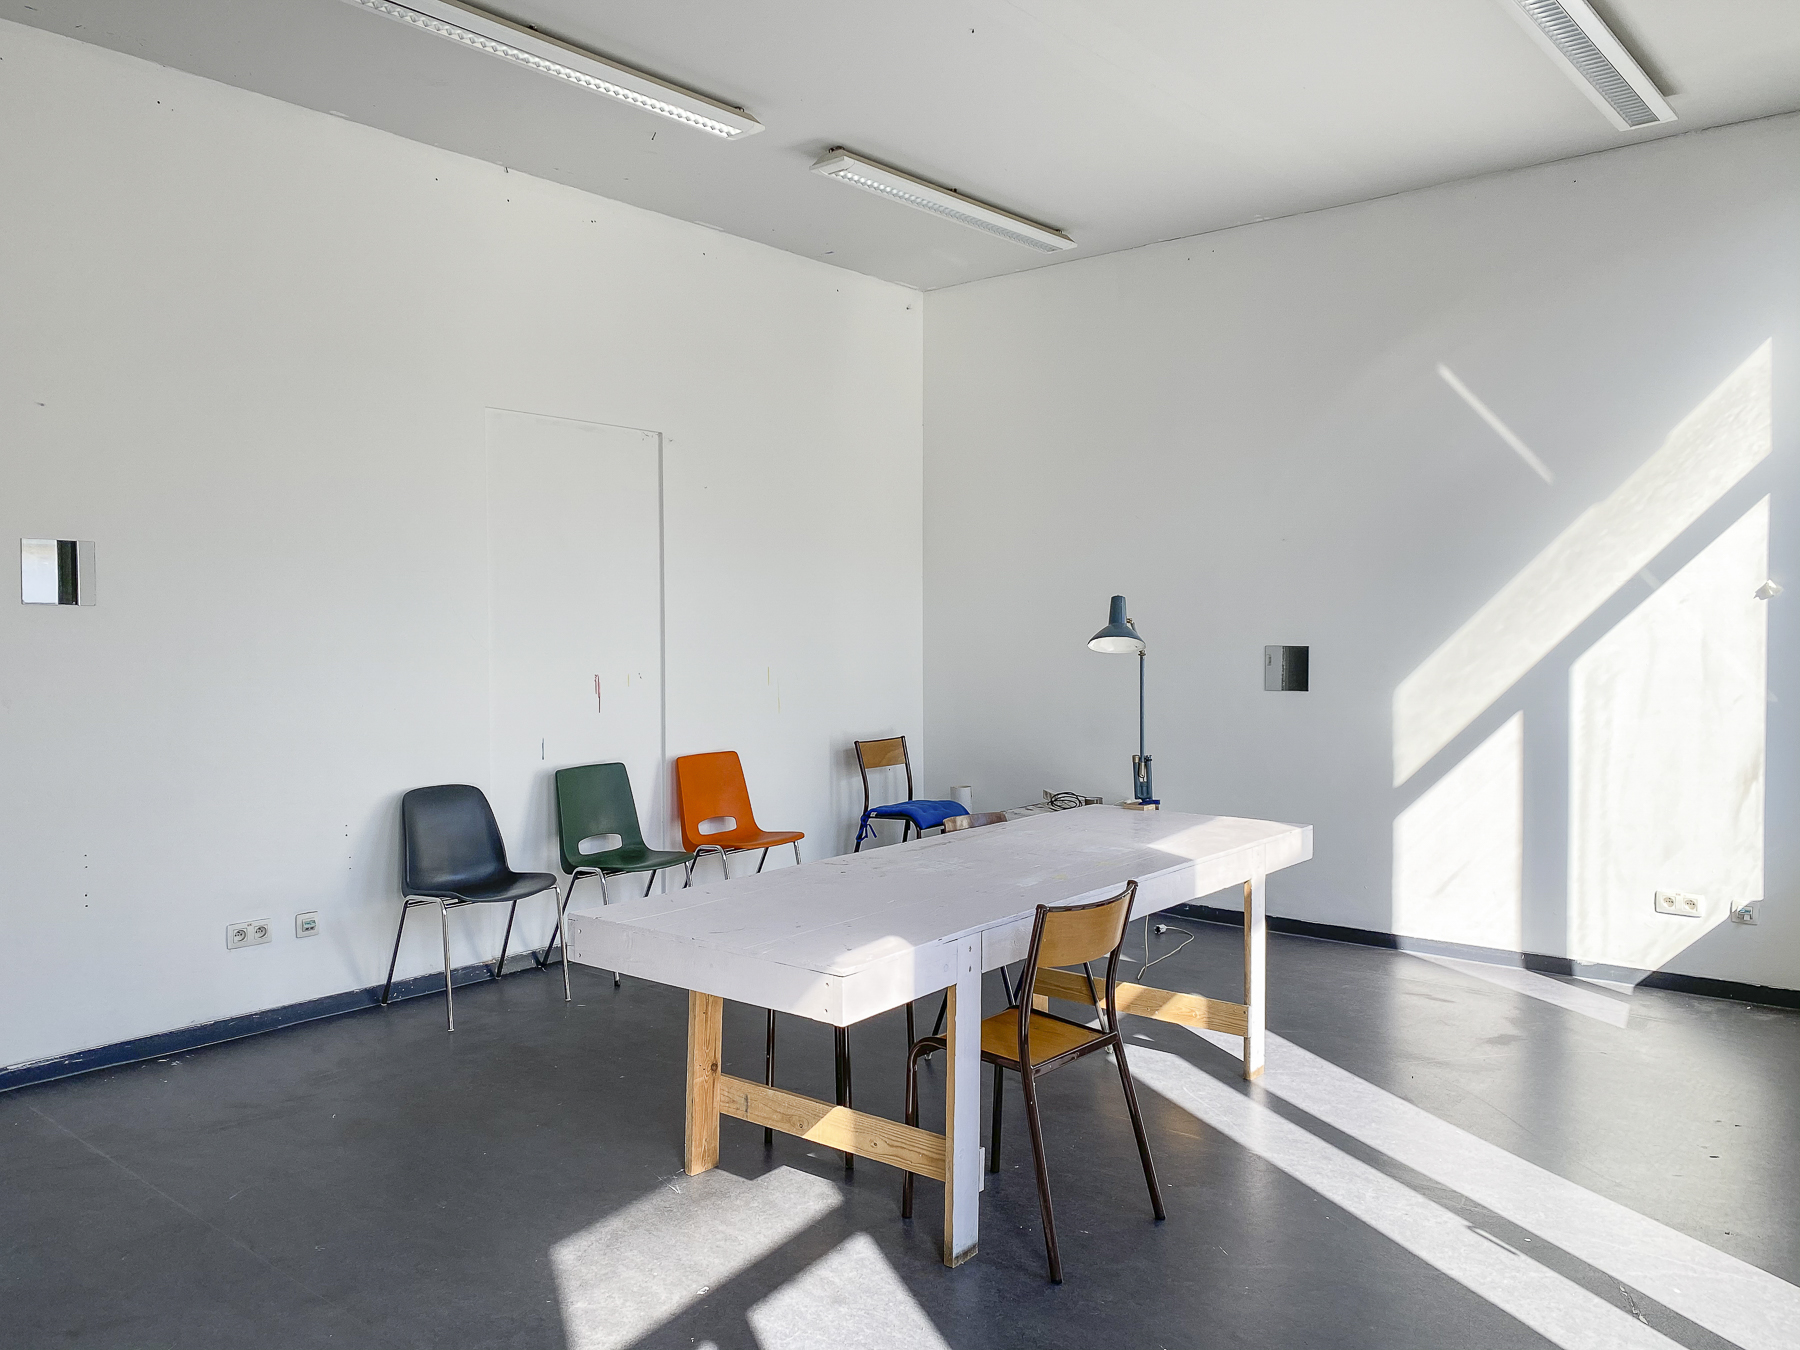 Gallait 80 atelier 2 straatkant (c) Miles Fischler